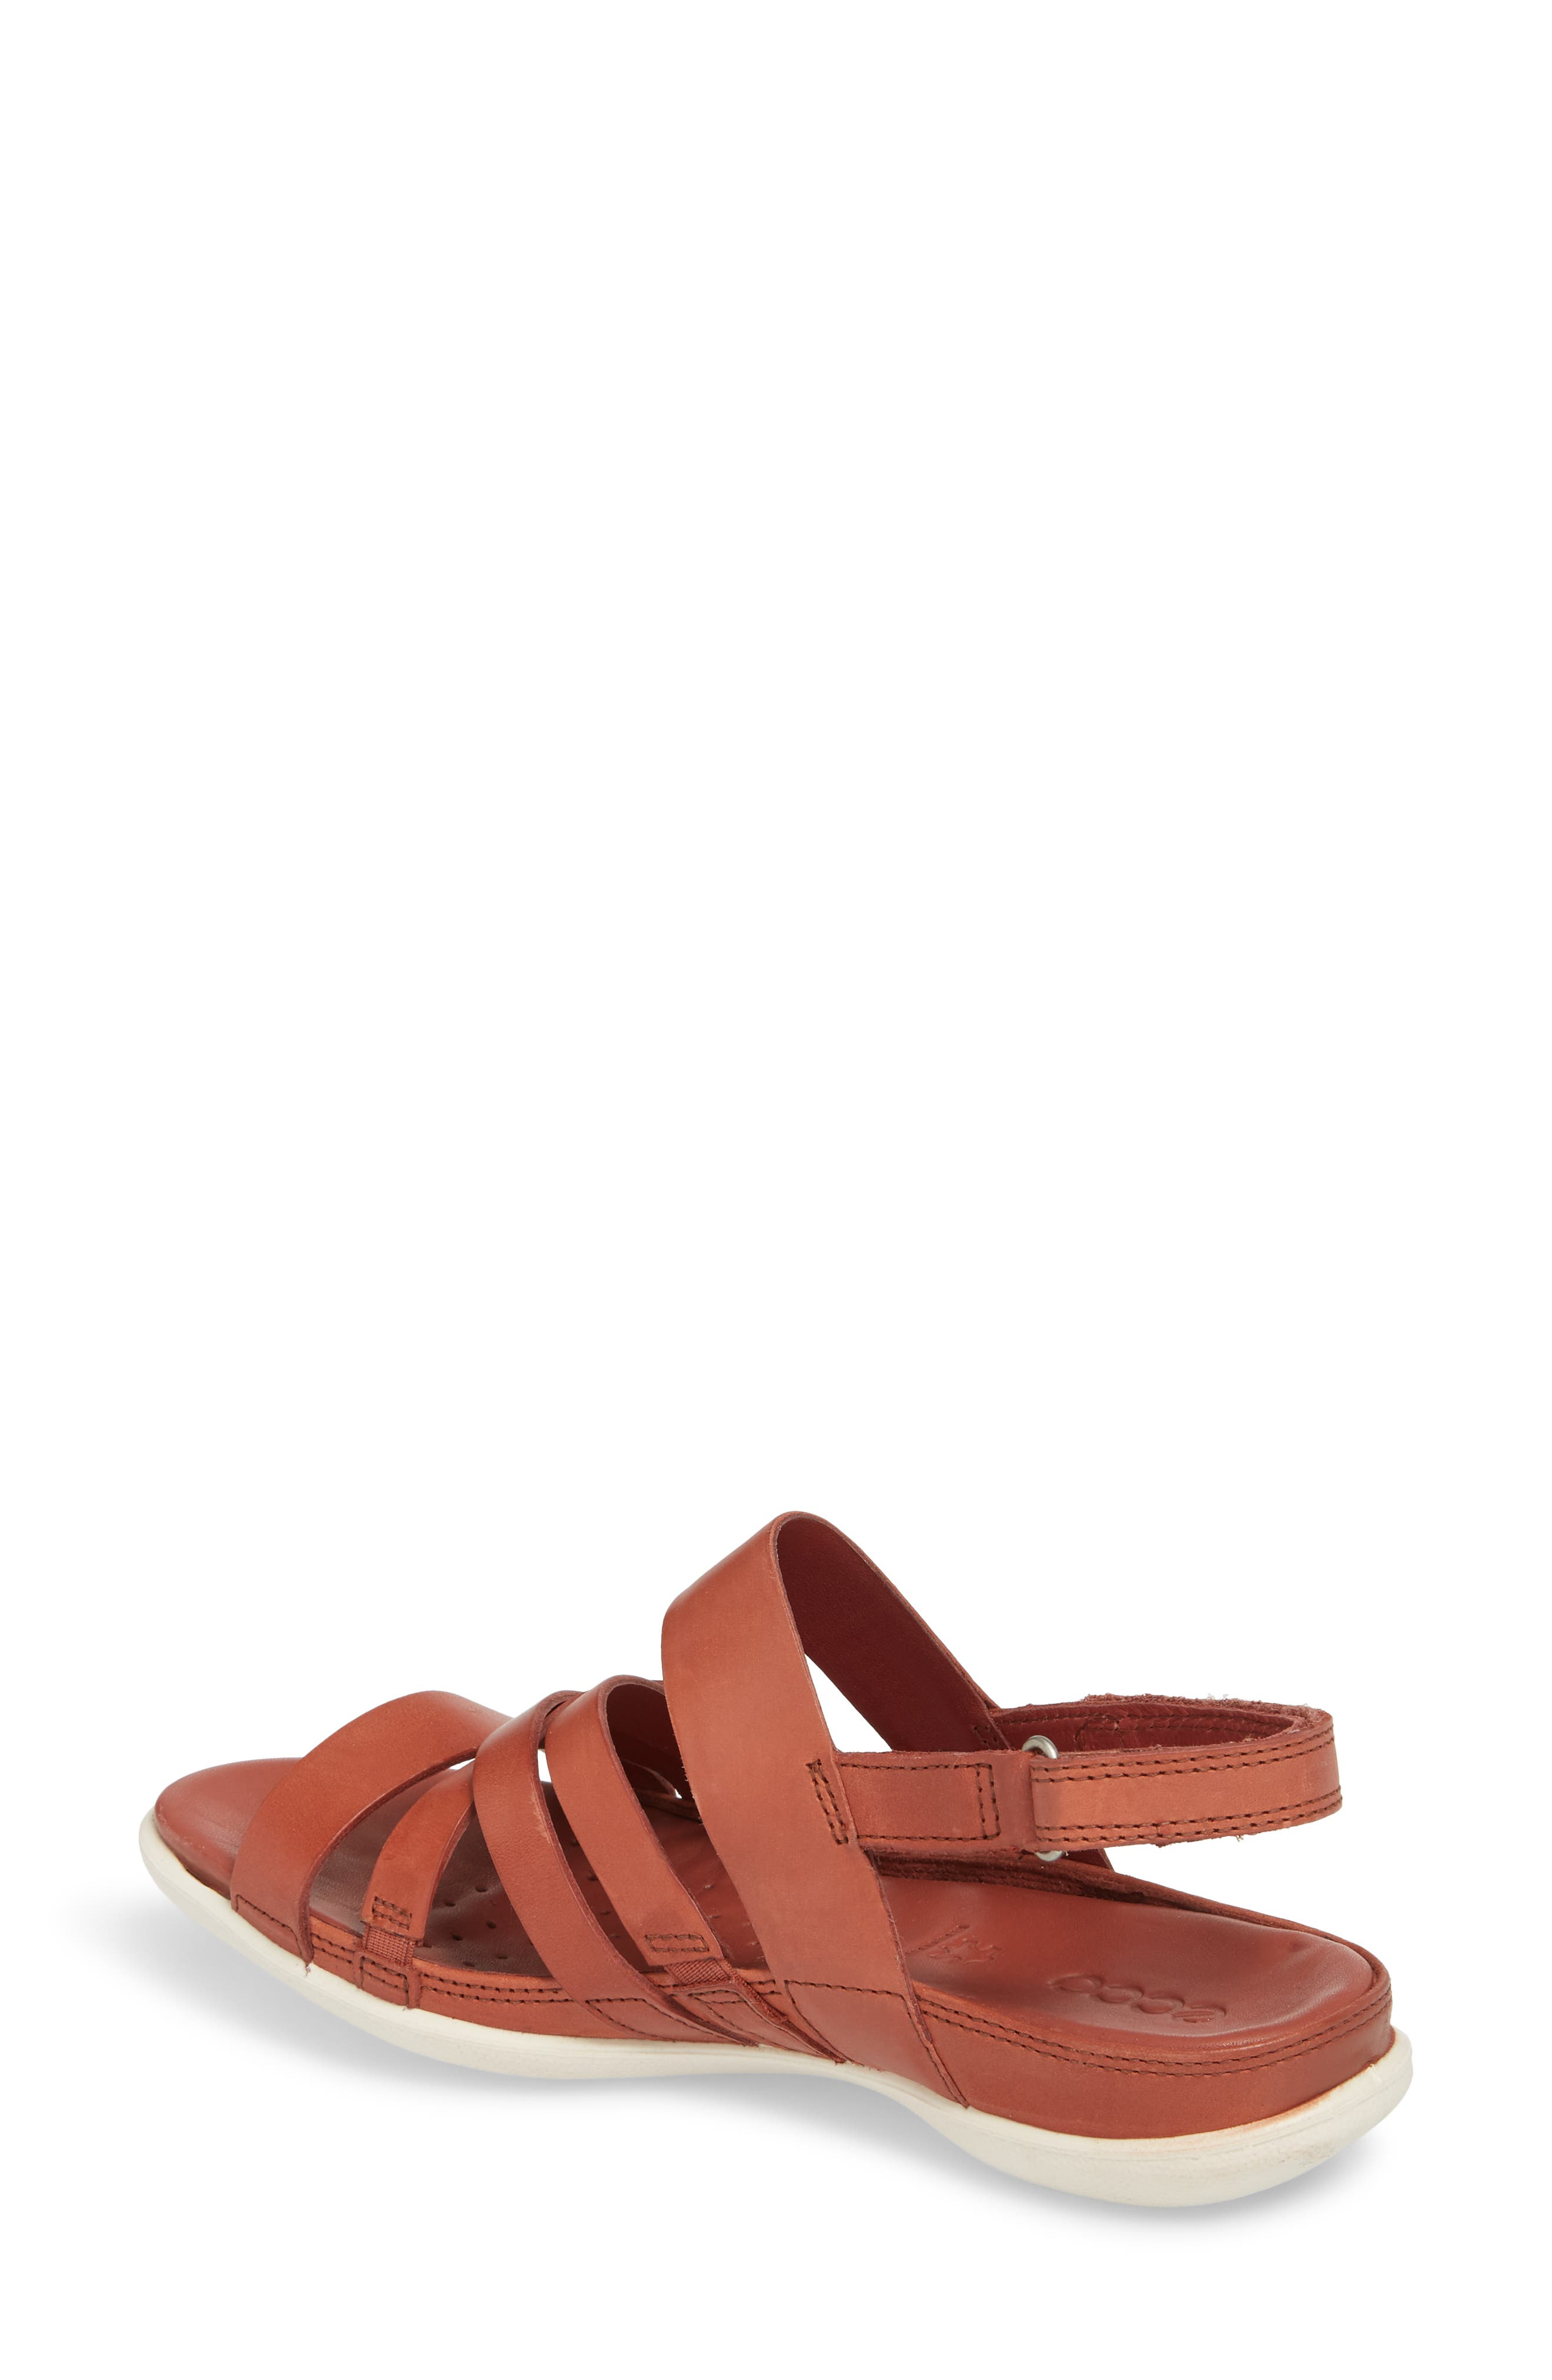 Flash Sandal,                             Alternate thumbnail 7, color,